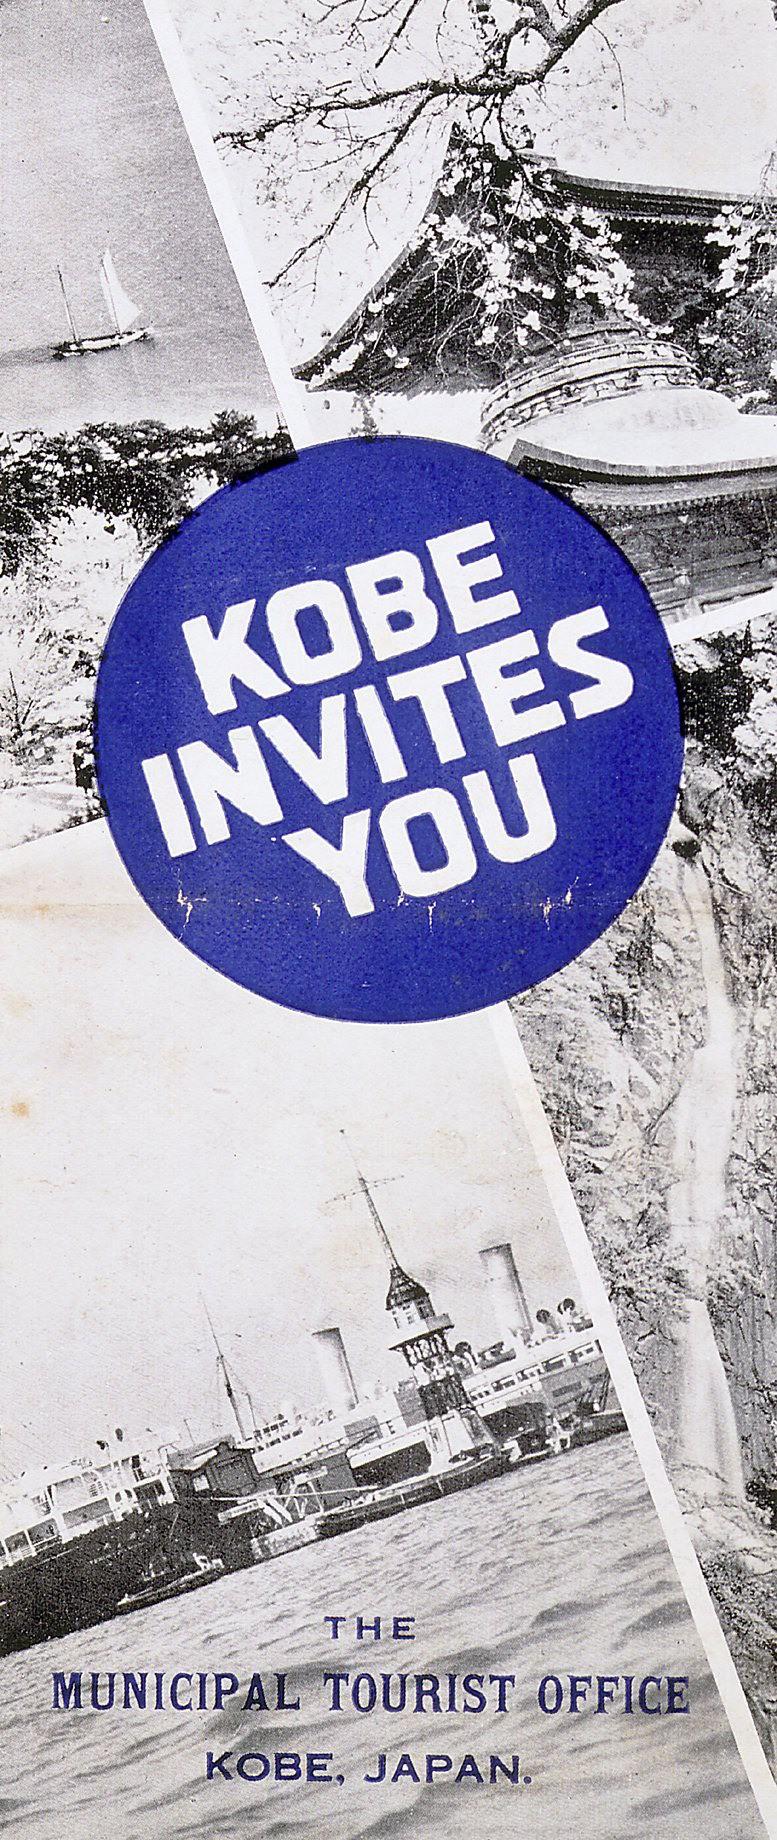 Tourist pamphlet about Kobe, Japan [LCID: 2000yjly]